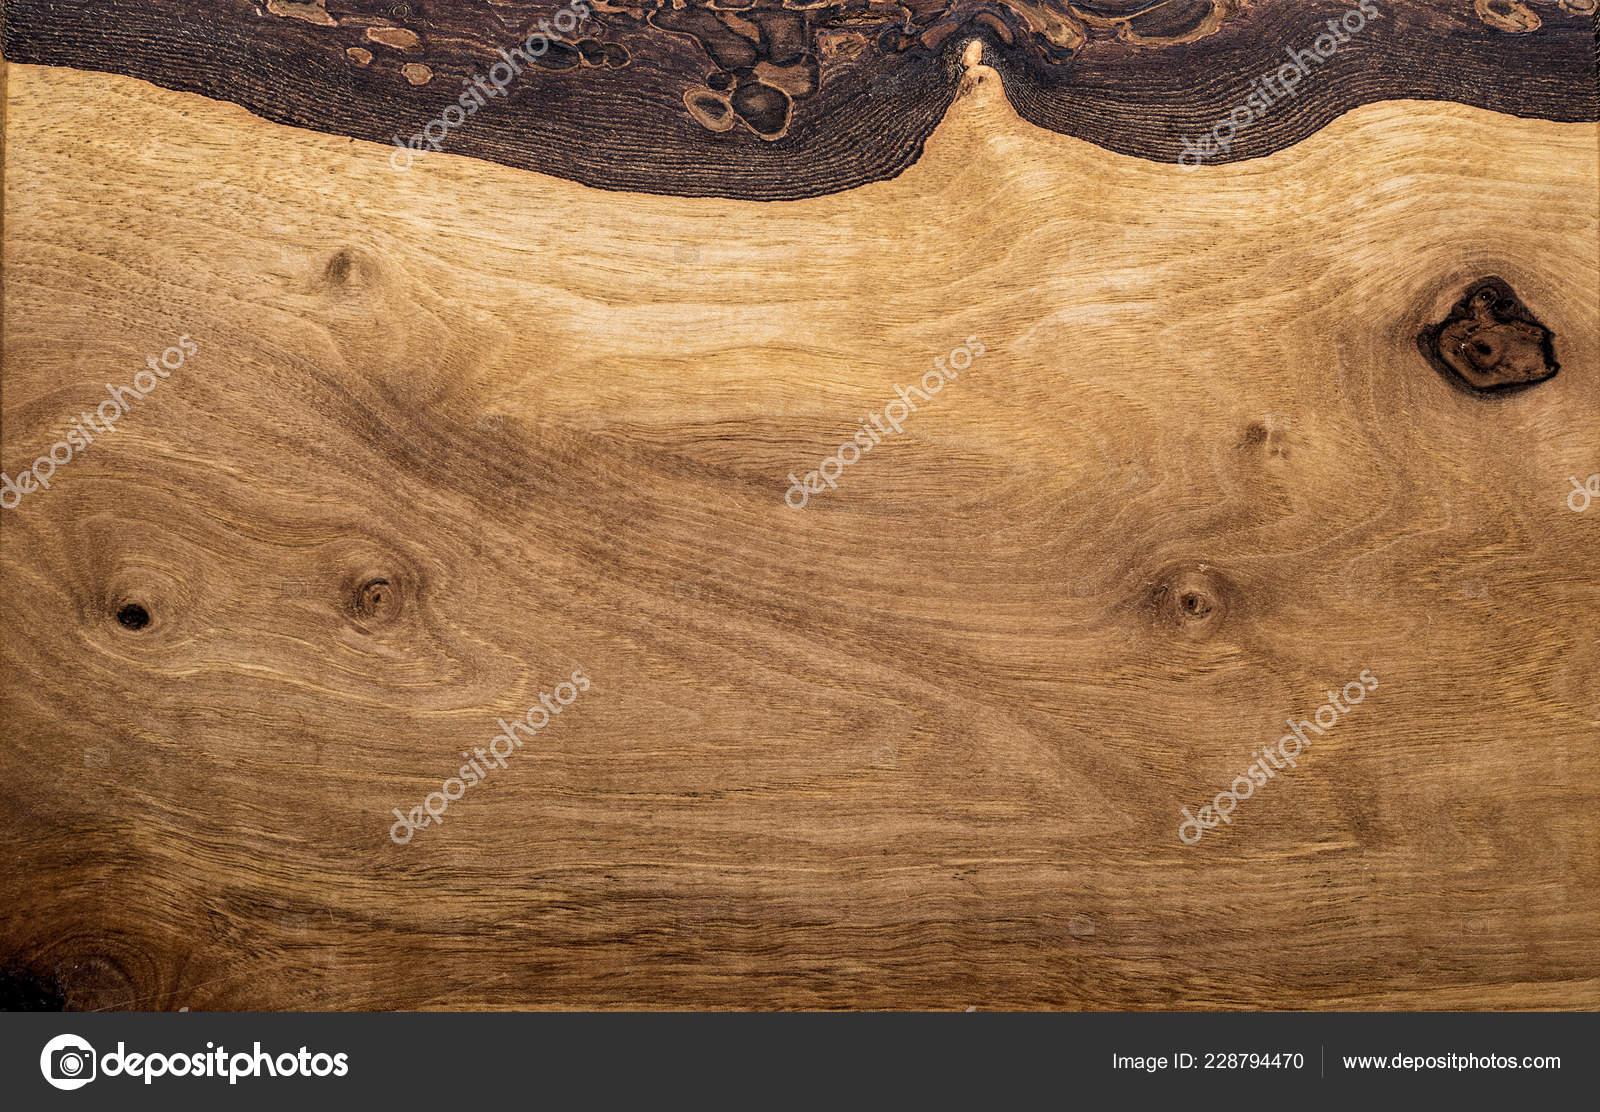 Une texture de résolution hight de bureau bois chêne brun